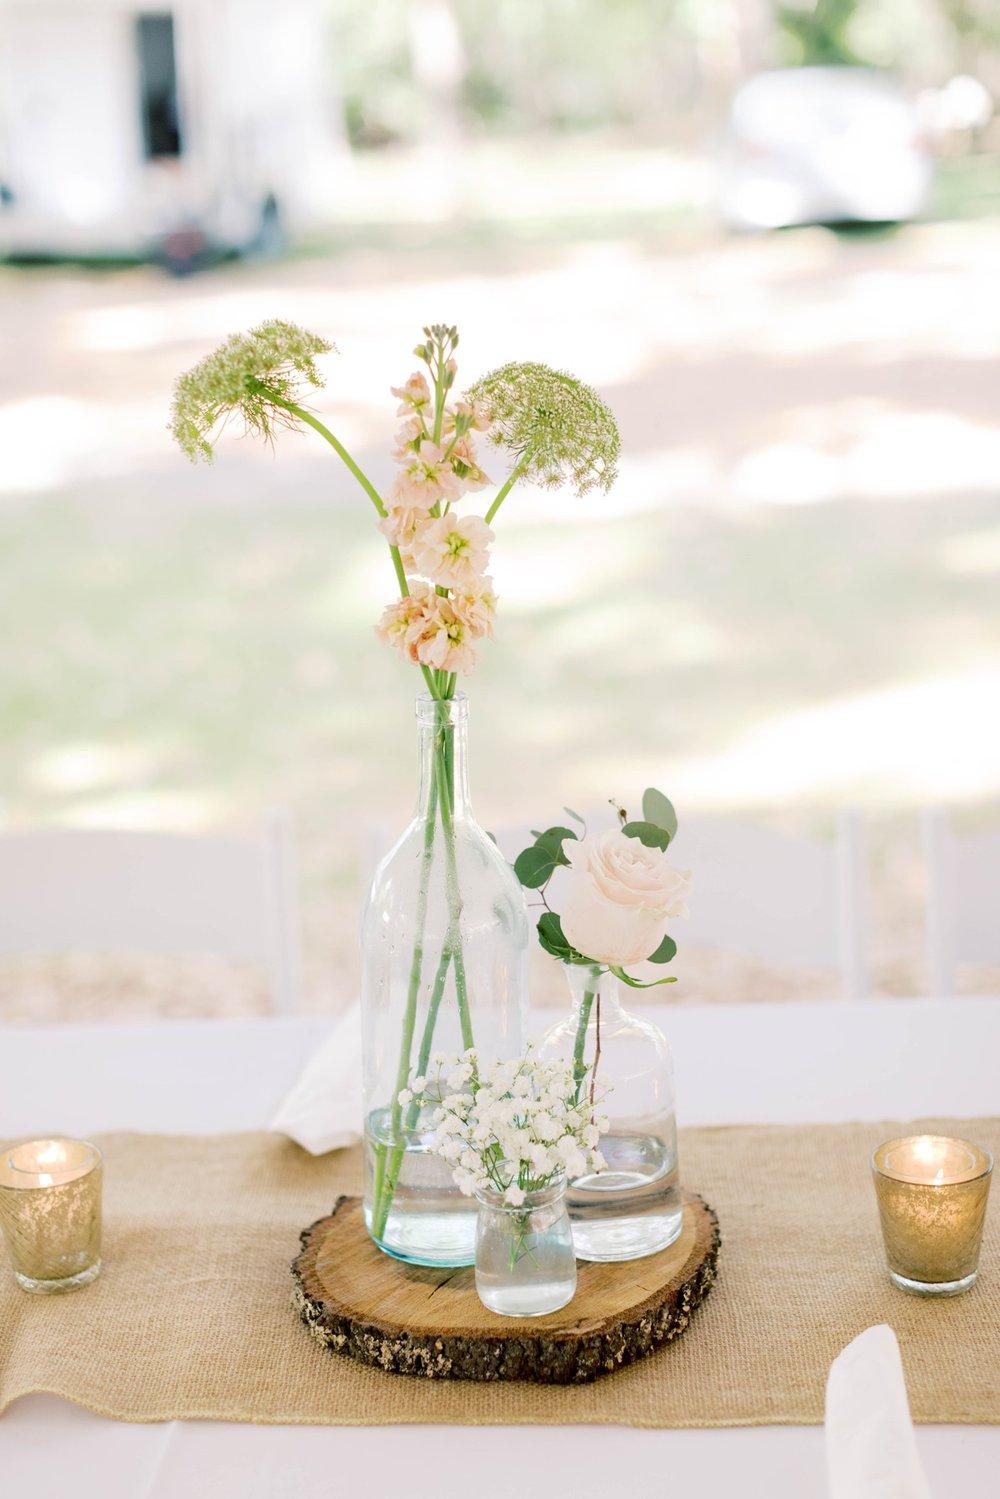 Bressler-Wedding-Preview-Tuckers-Farmhouse-Jacksonville-Wedding-Photographer-Chantell-Rae061.jpg